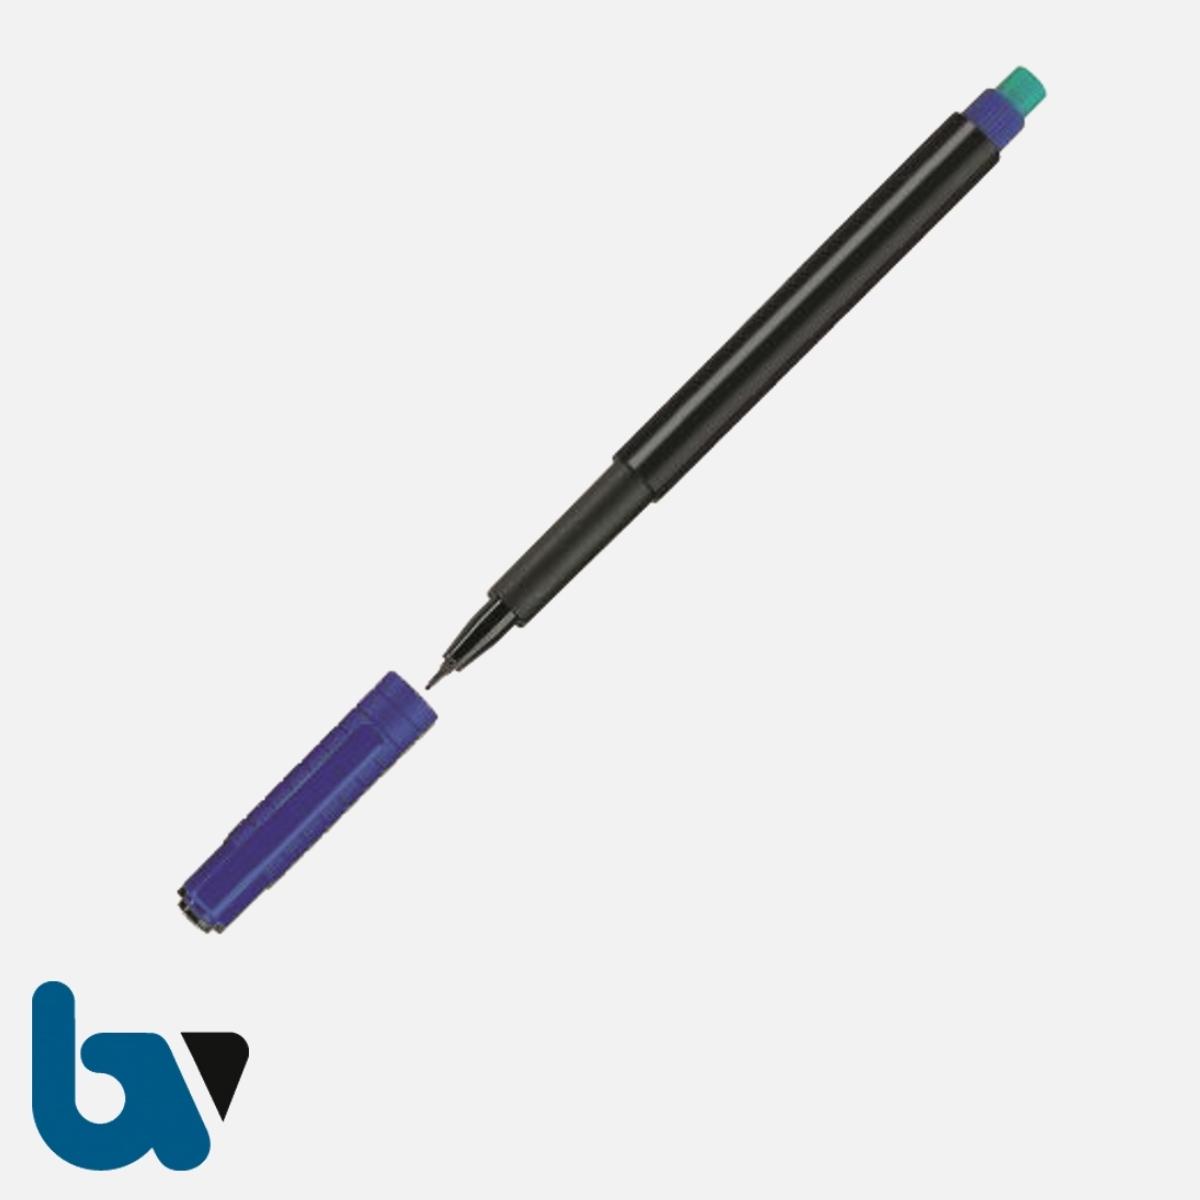 0/519-22.1 Dokumentenstifte dokumentenecht 0,6 mm blau | Borgard Verlag GmbH